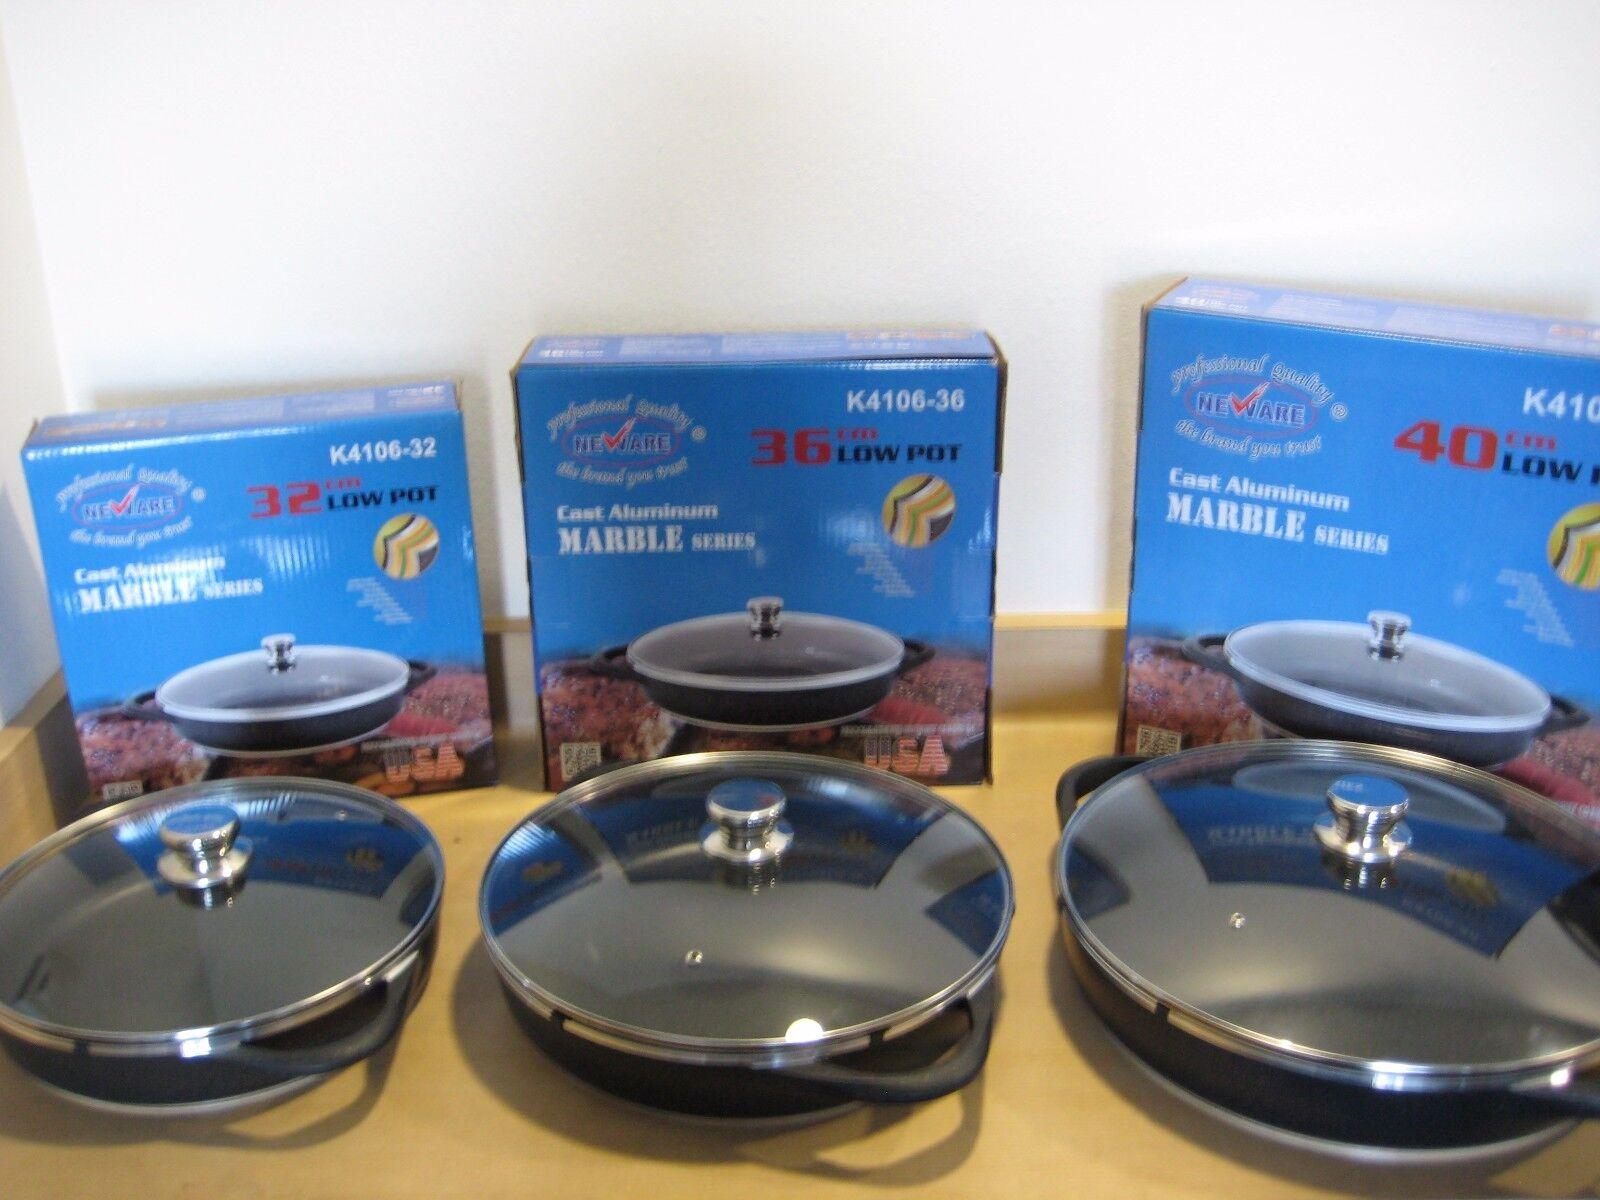 Neware 4106- 32cm, 36cm, 40cm Cast Aluminum Marble Low Pot